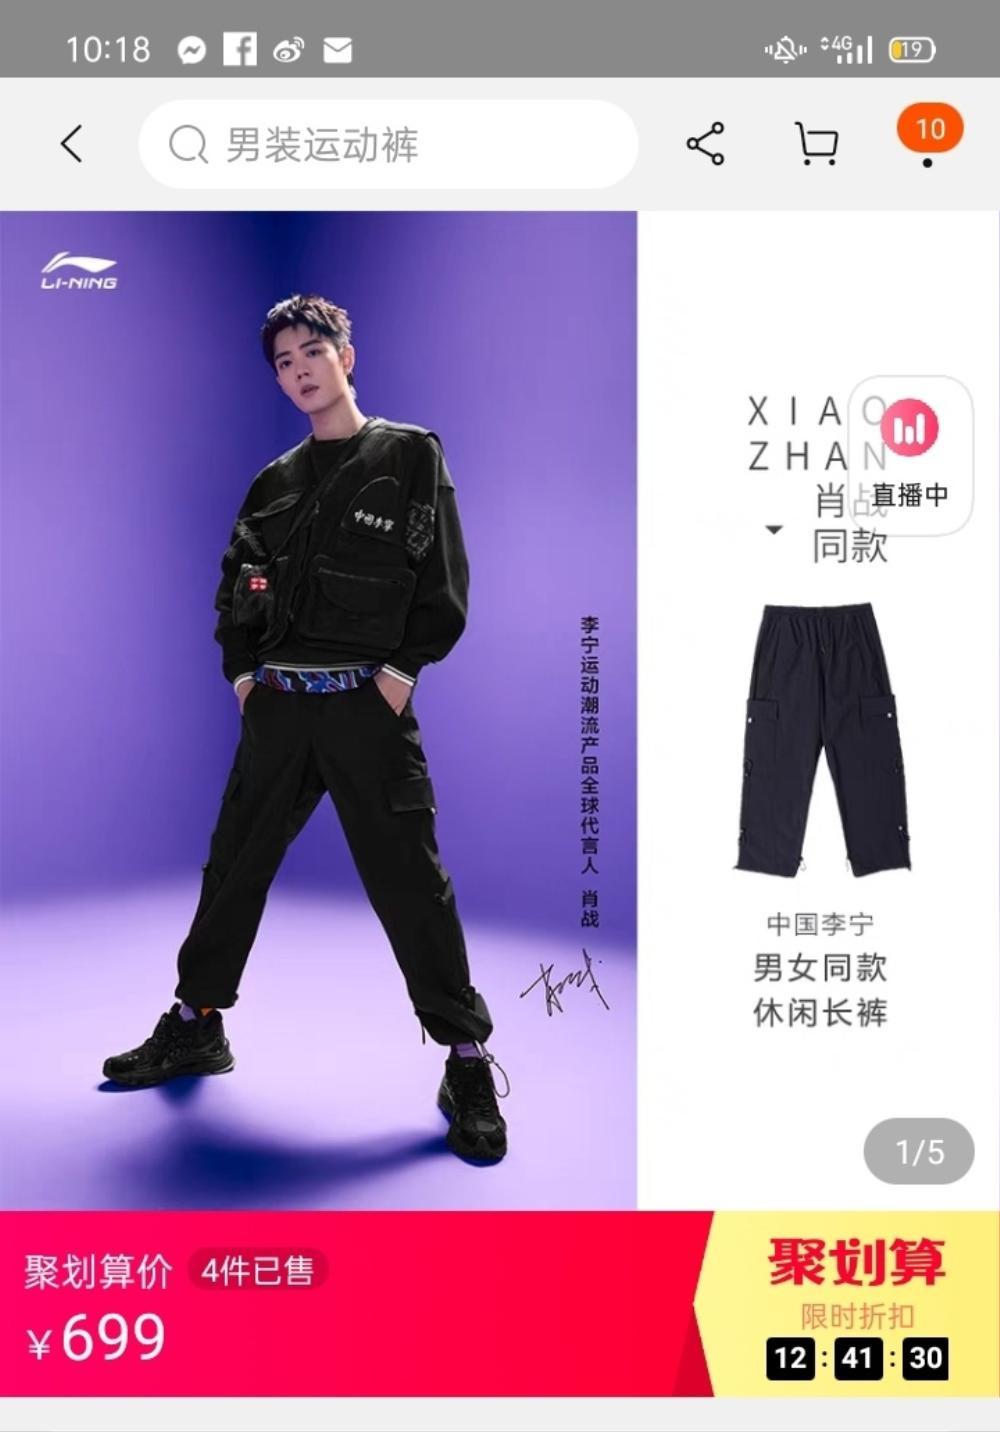 Tiêu Chiến là đại diện toàn cầu hãng thời trang xứ Trung hot đến nỗi cháy hàng toàn web Ảnh 5